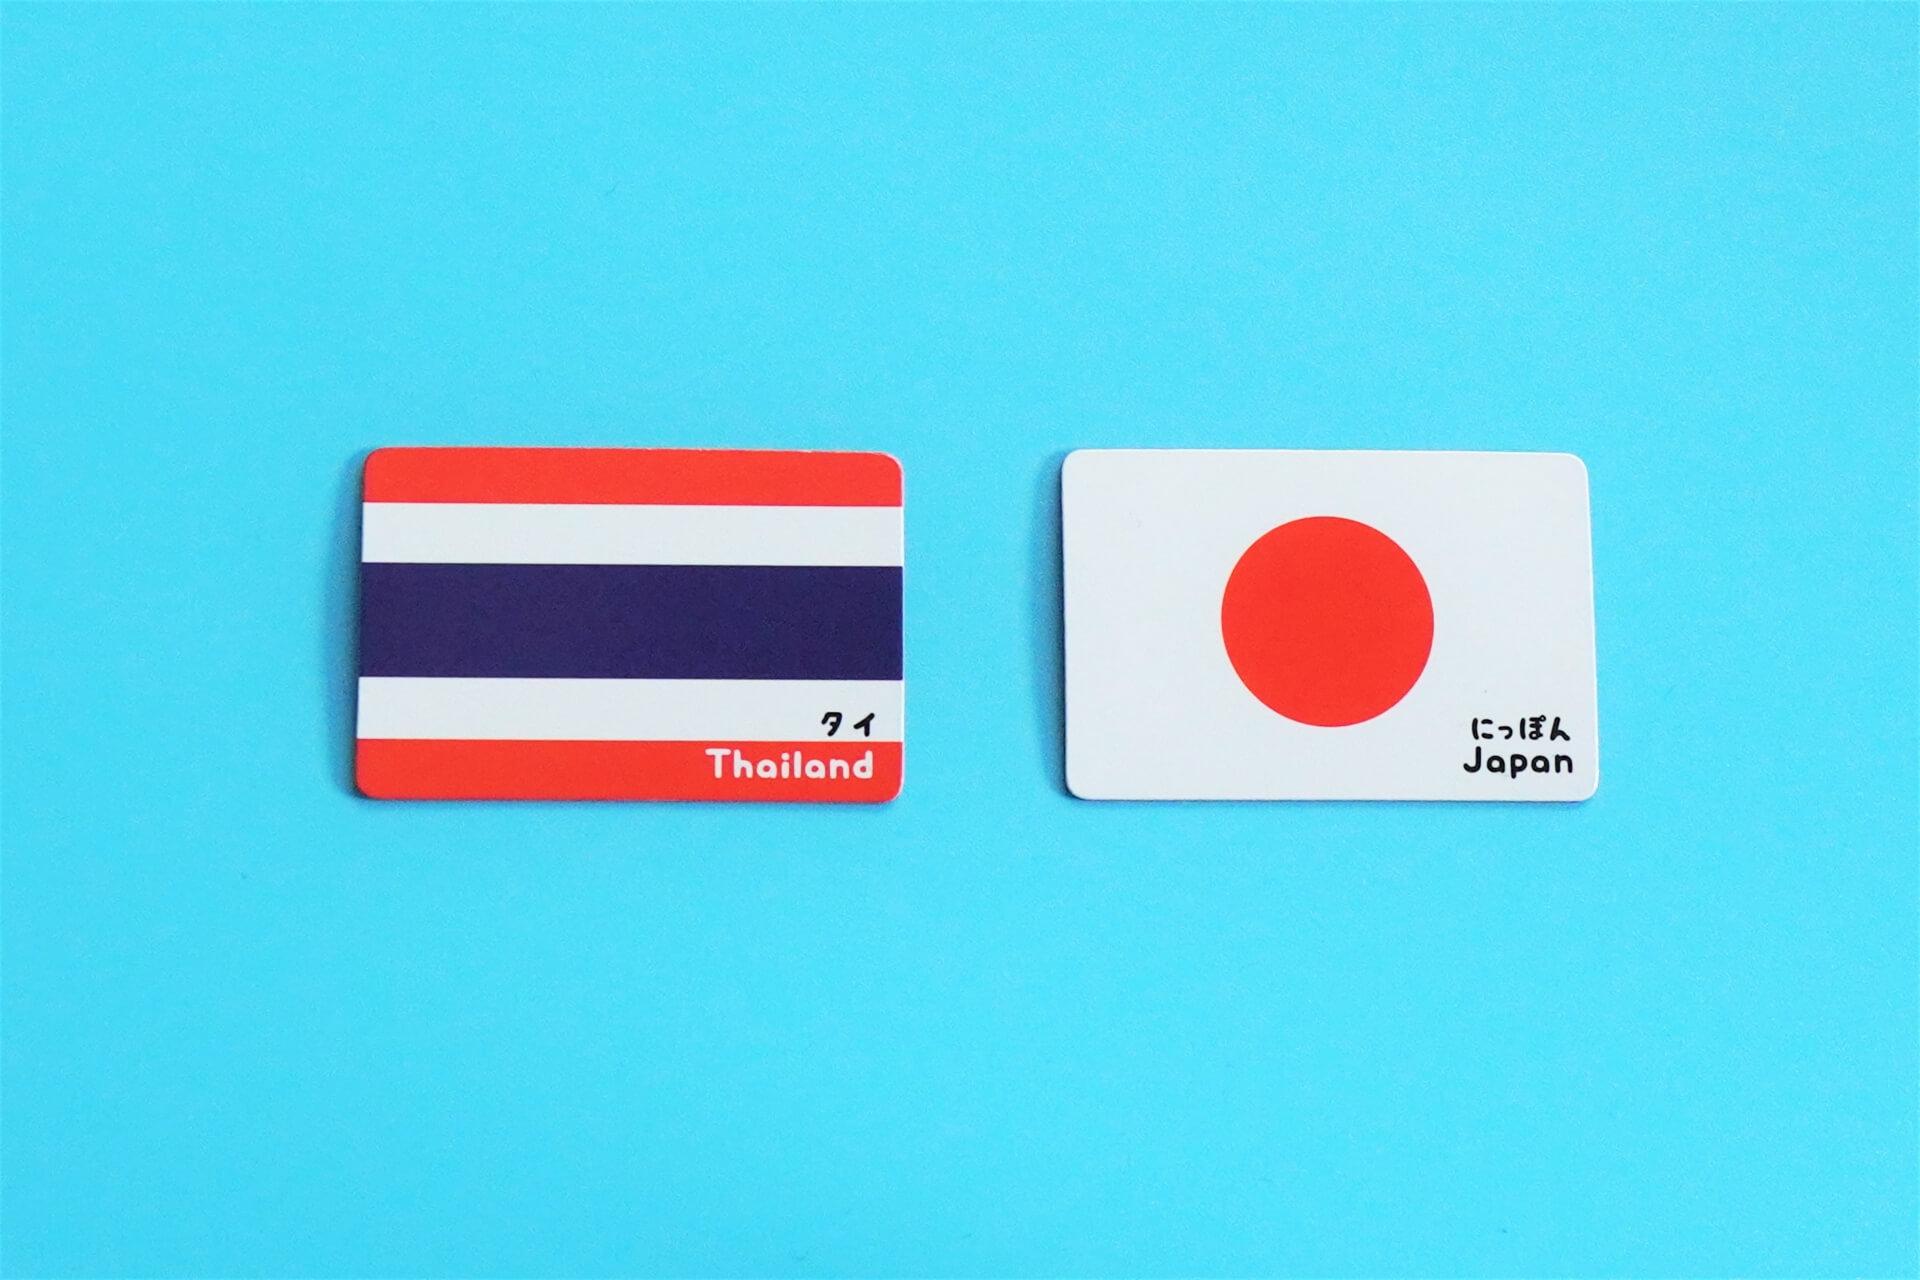 タイ:日系企業がエネルギー事業で進出へ